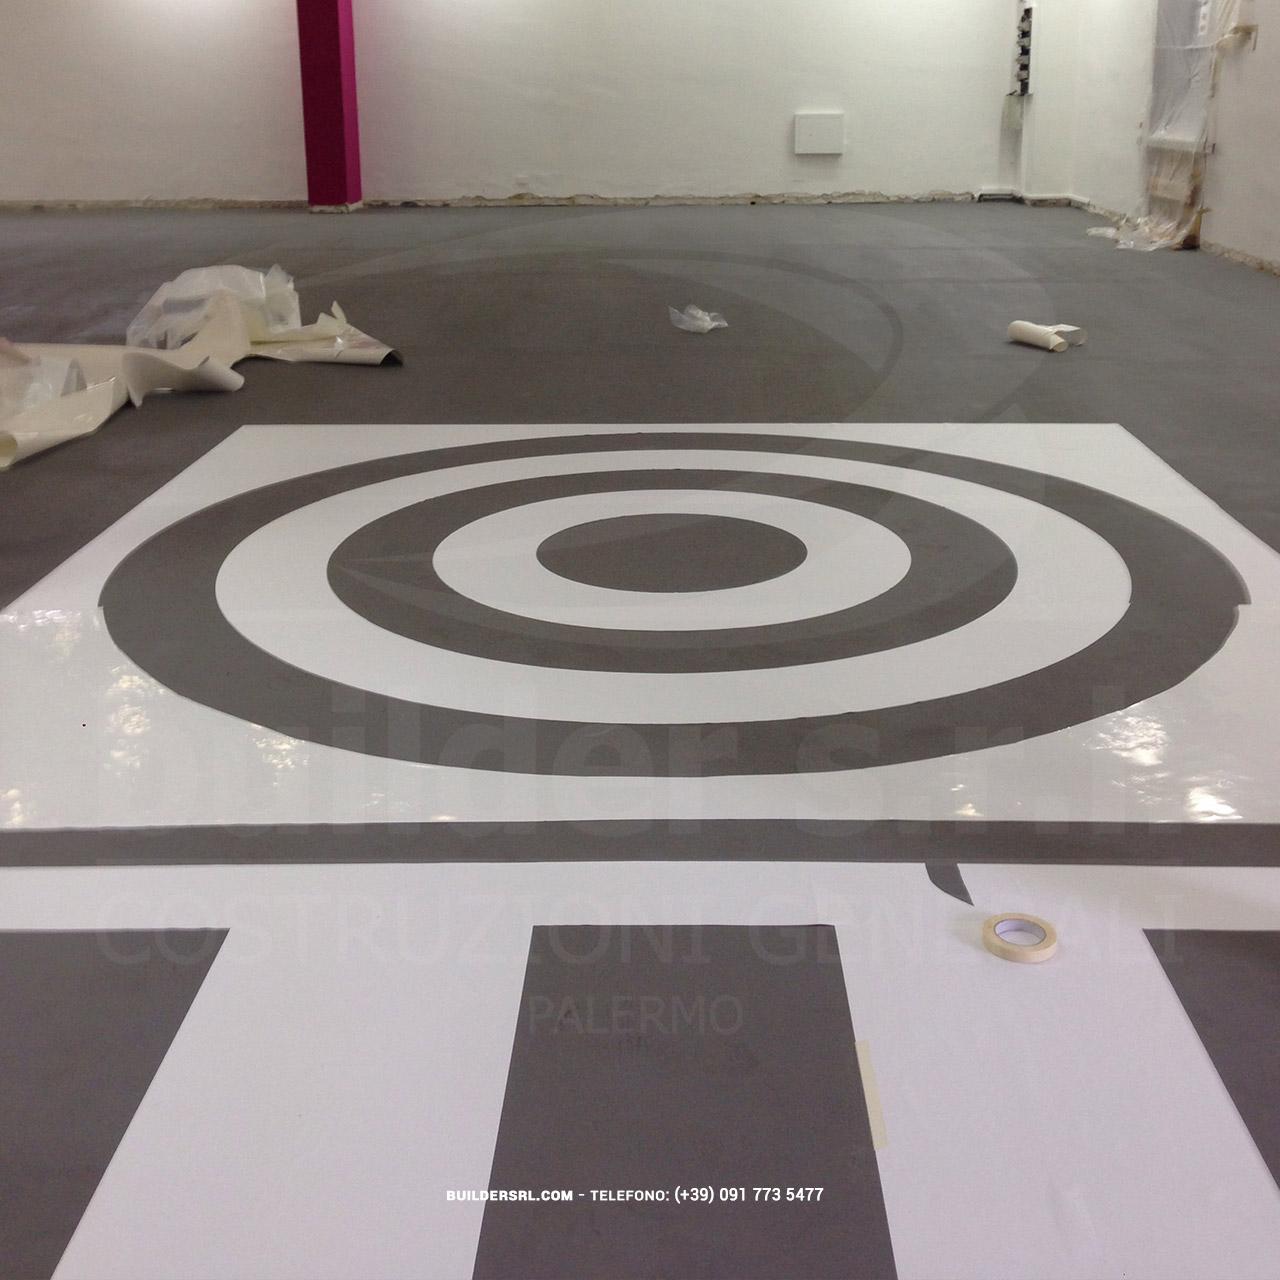 Posa di adesivi in PVC. - Realizzazione di forme geometriche nella pavimentazione.